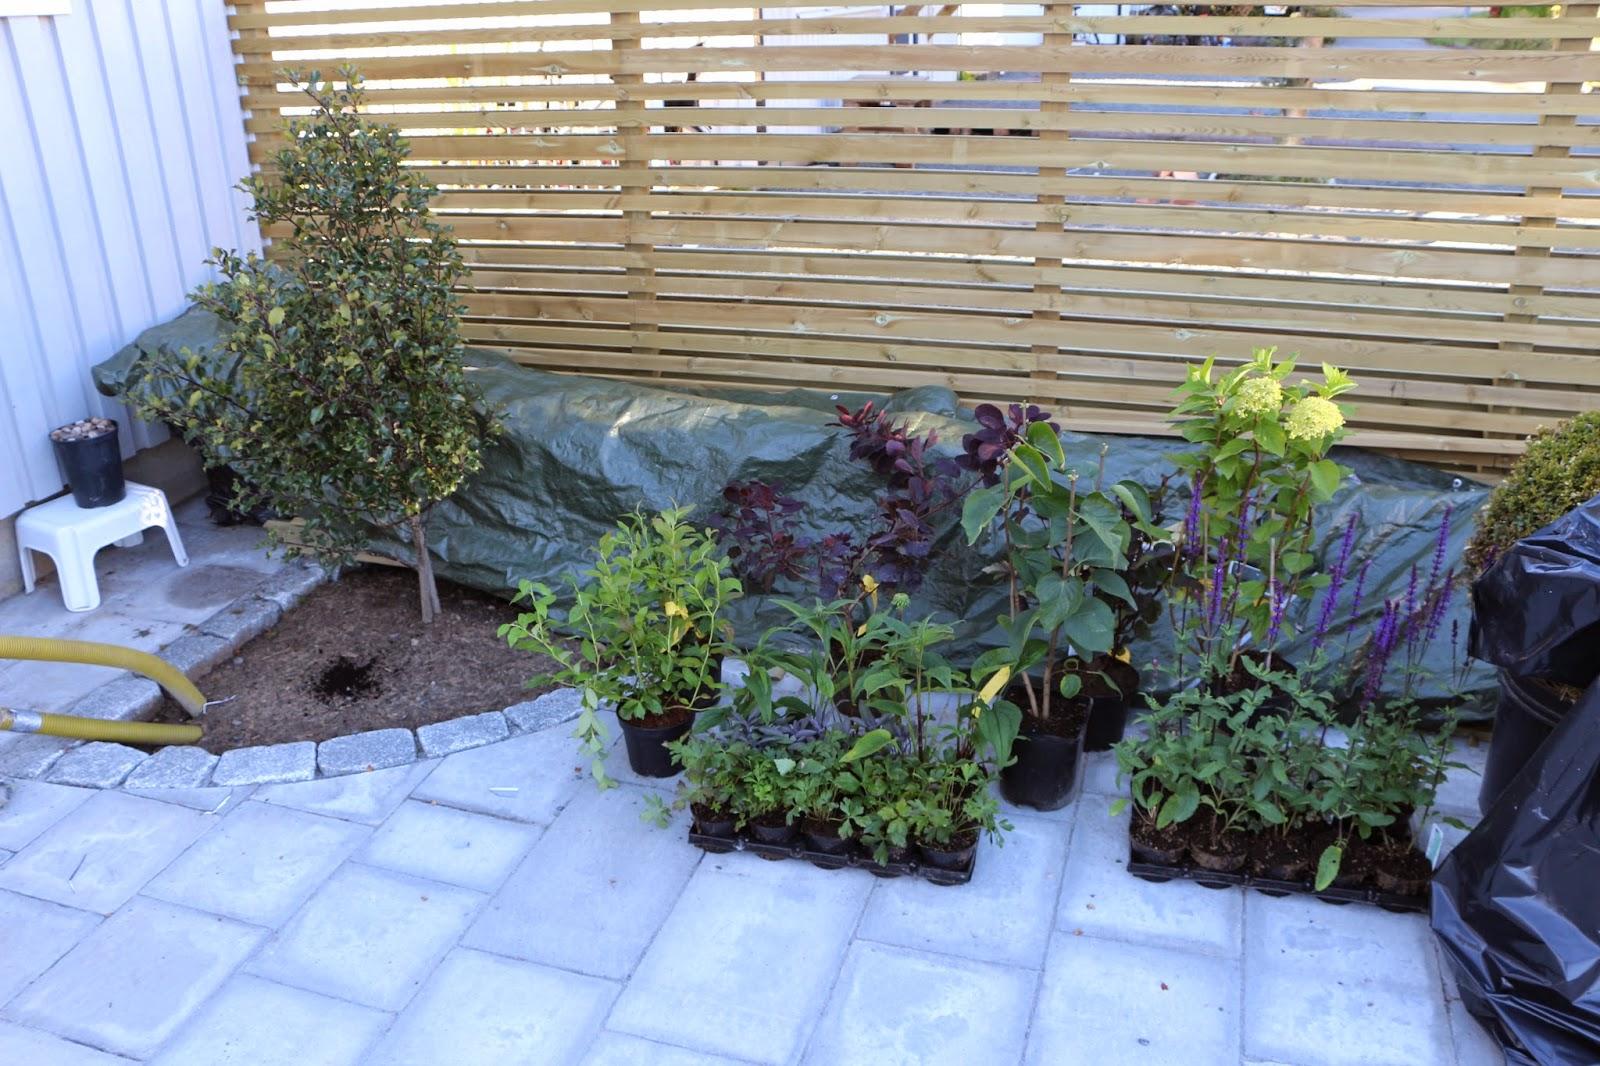 387 kvadrat : en trädgård i förvandling